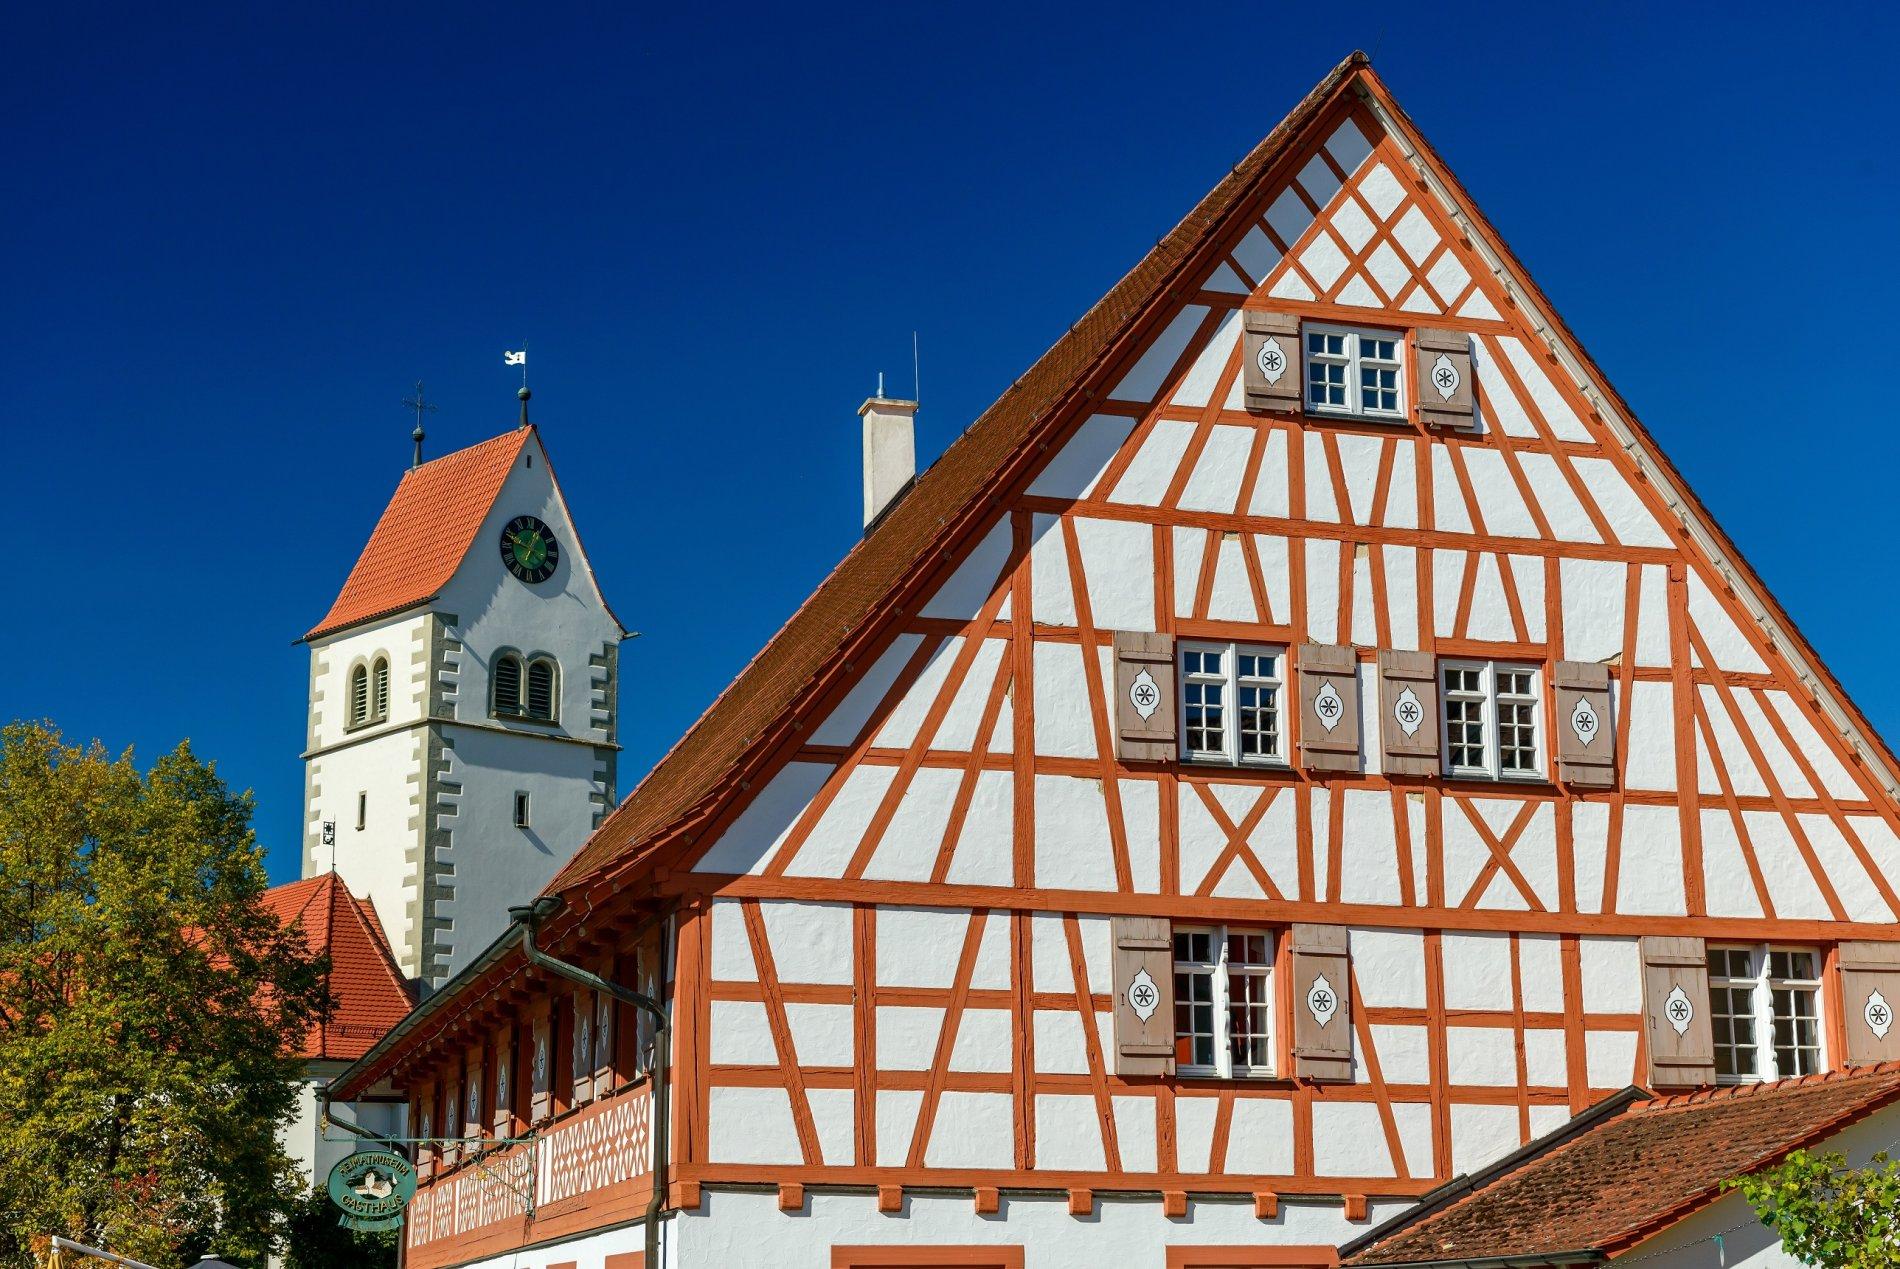 Fachwerkhaus mit Kirchturm im Hintergrund